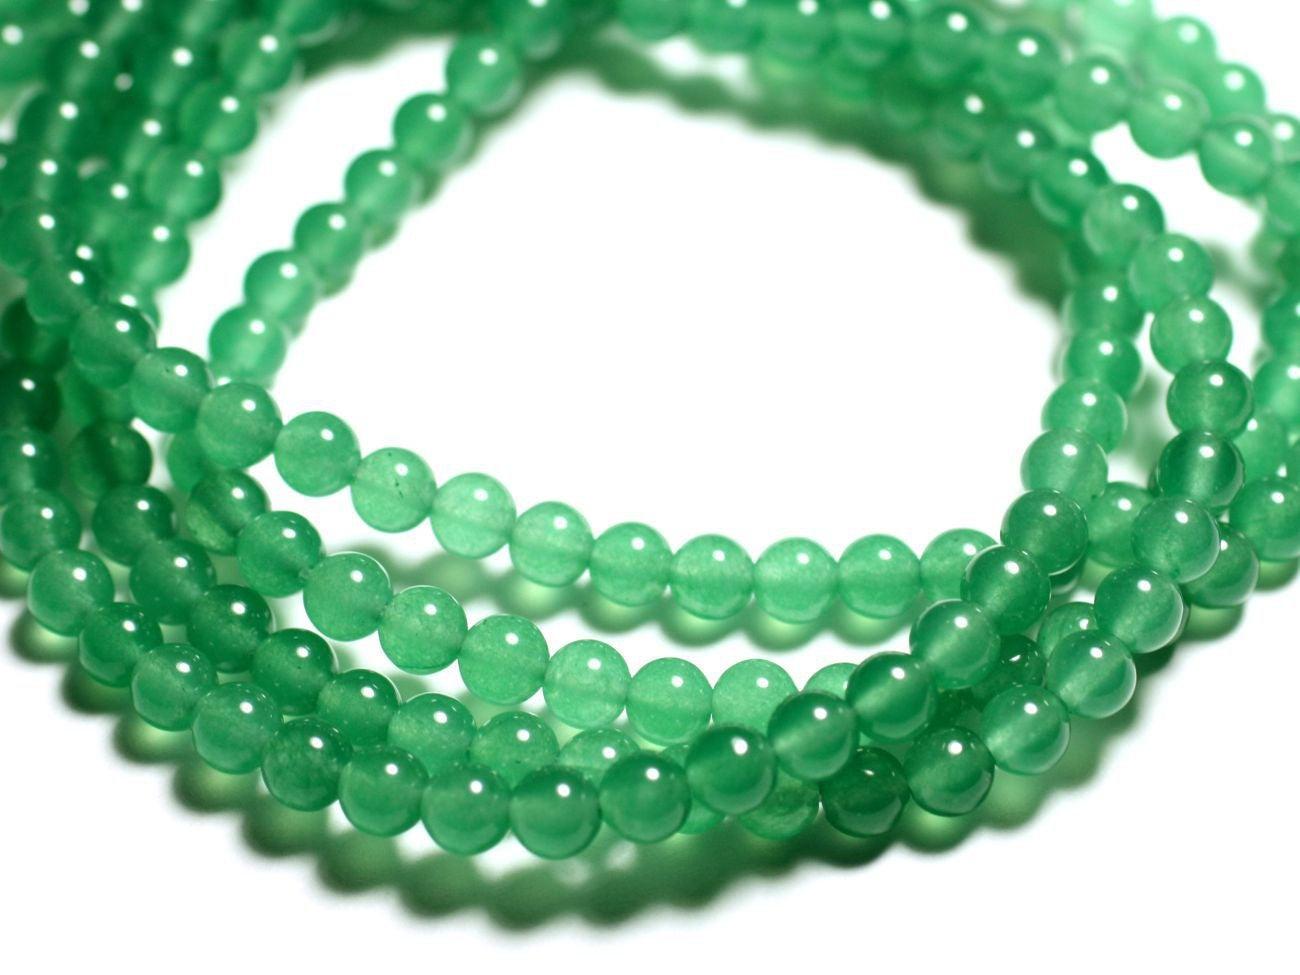 4558550035844 Cristal de Roche Quartz Boules 8mm 5pc Perles de Pierre